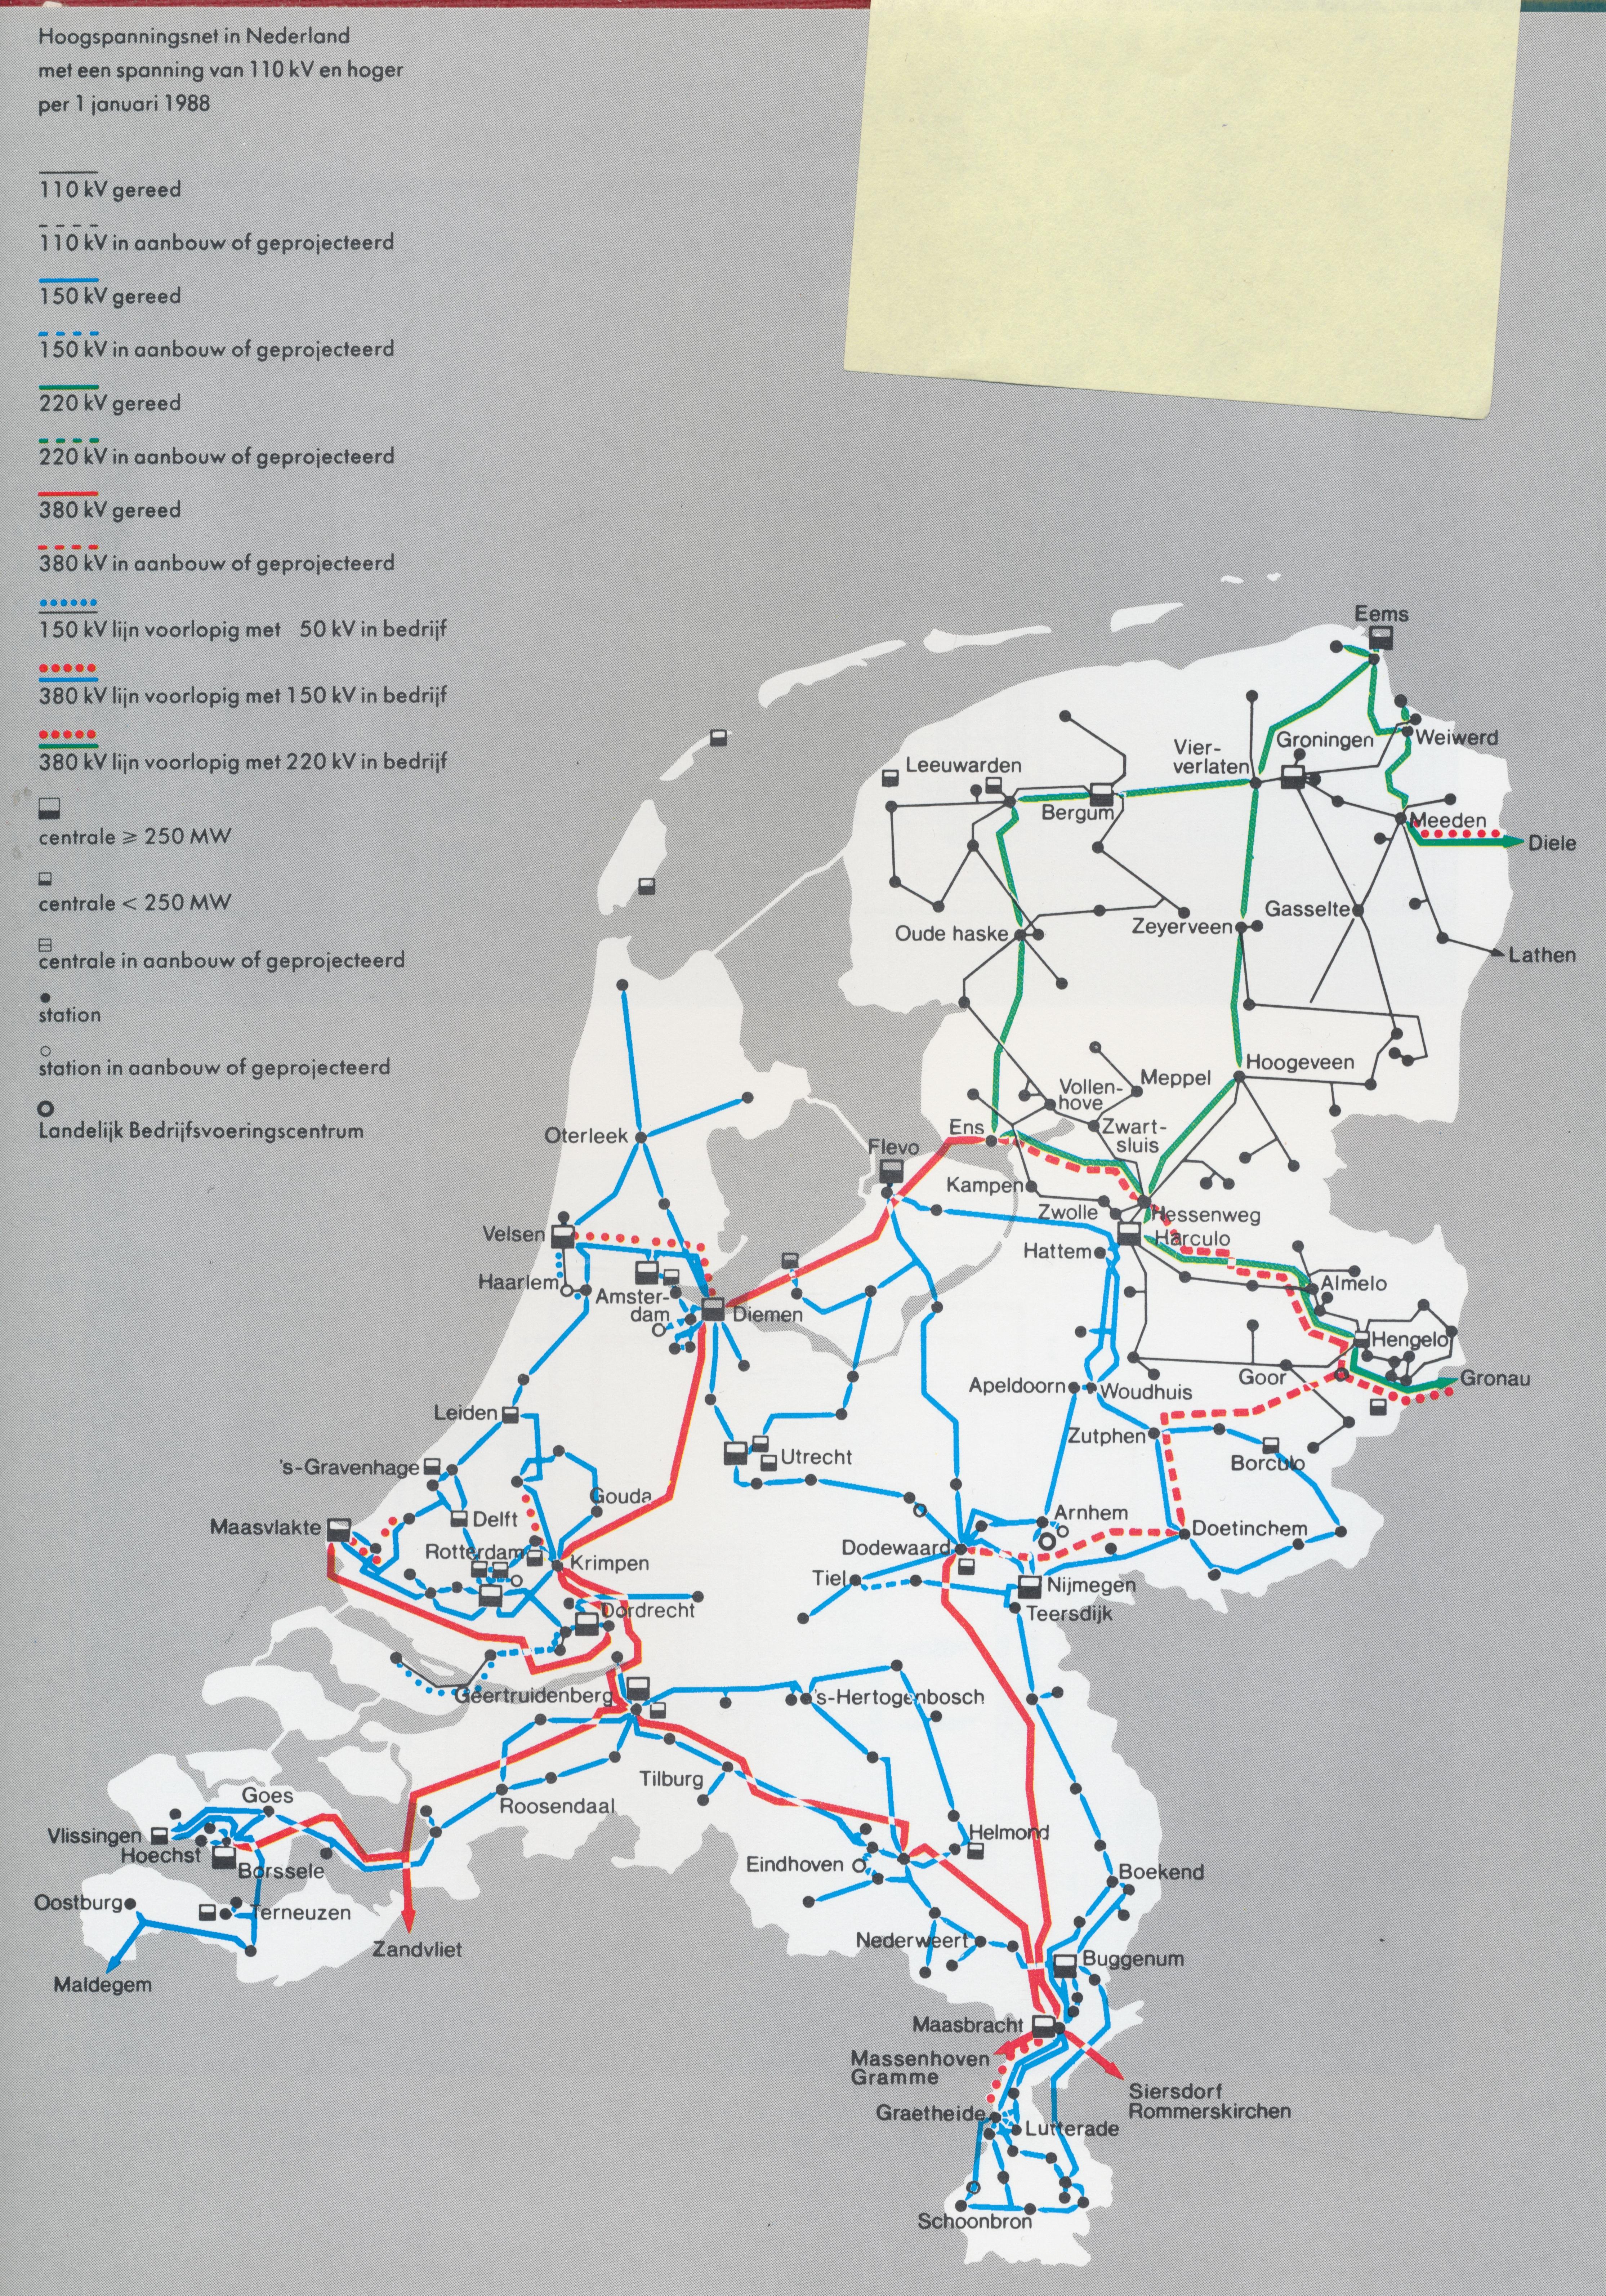 Netkaart van 1988